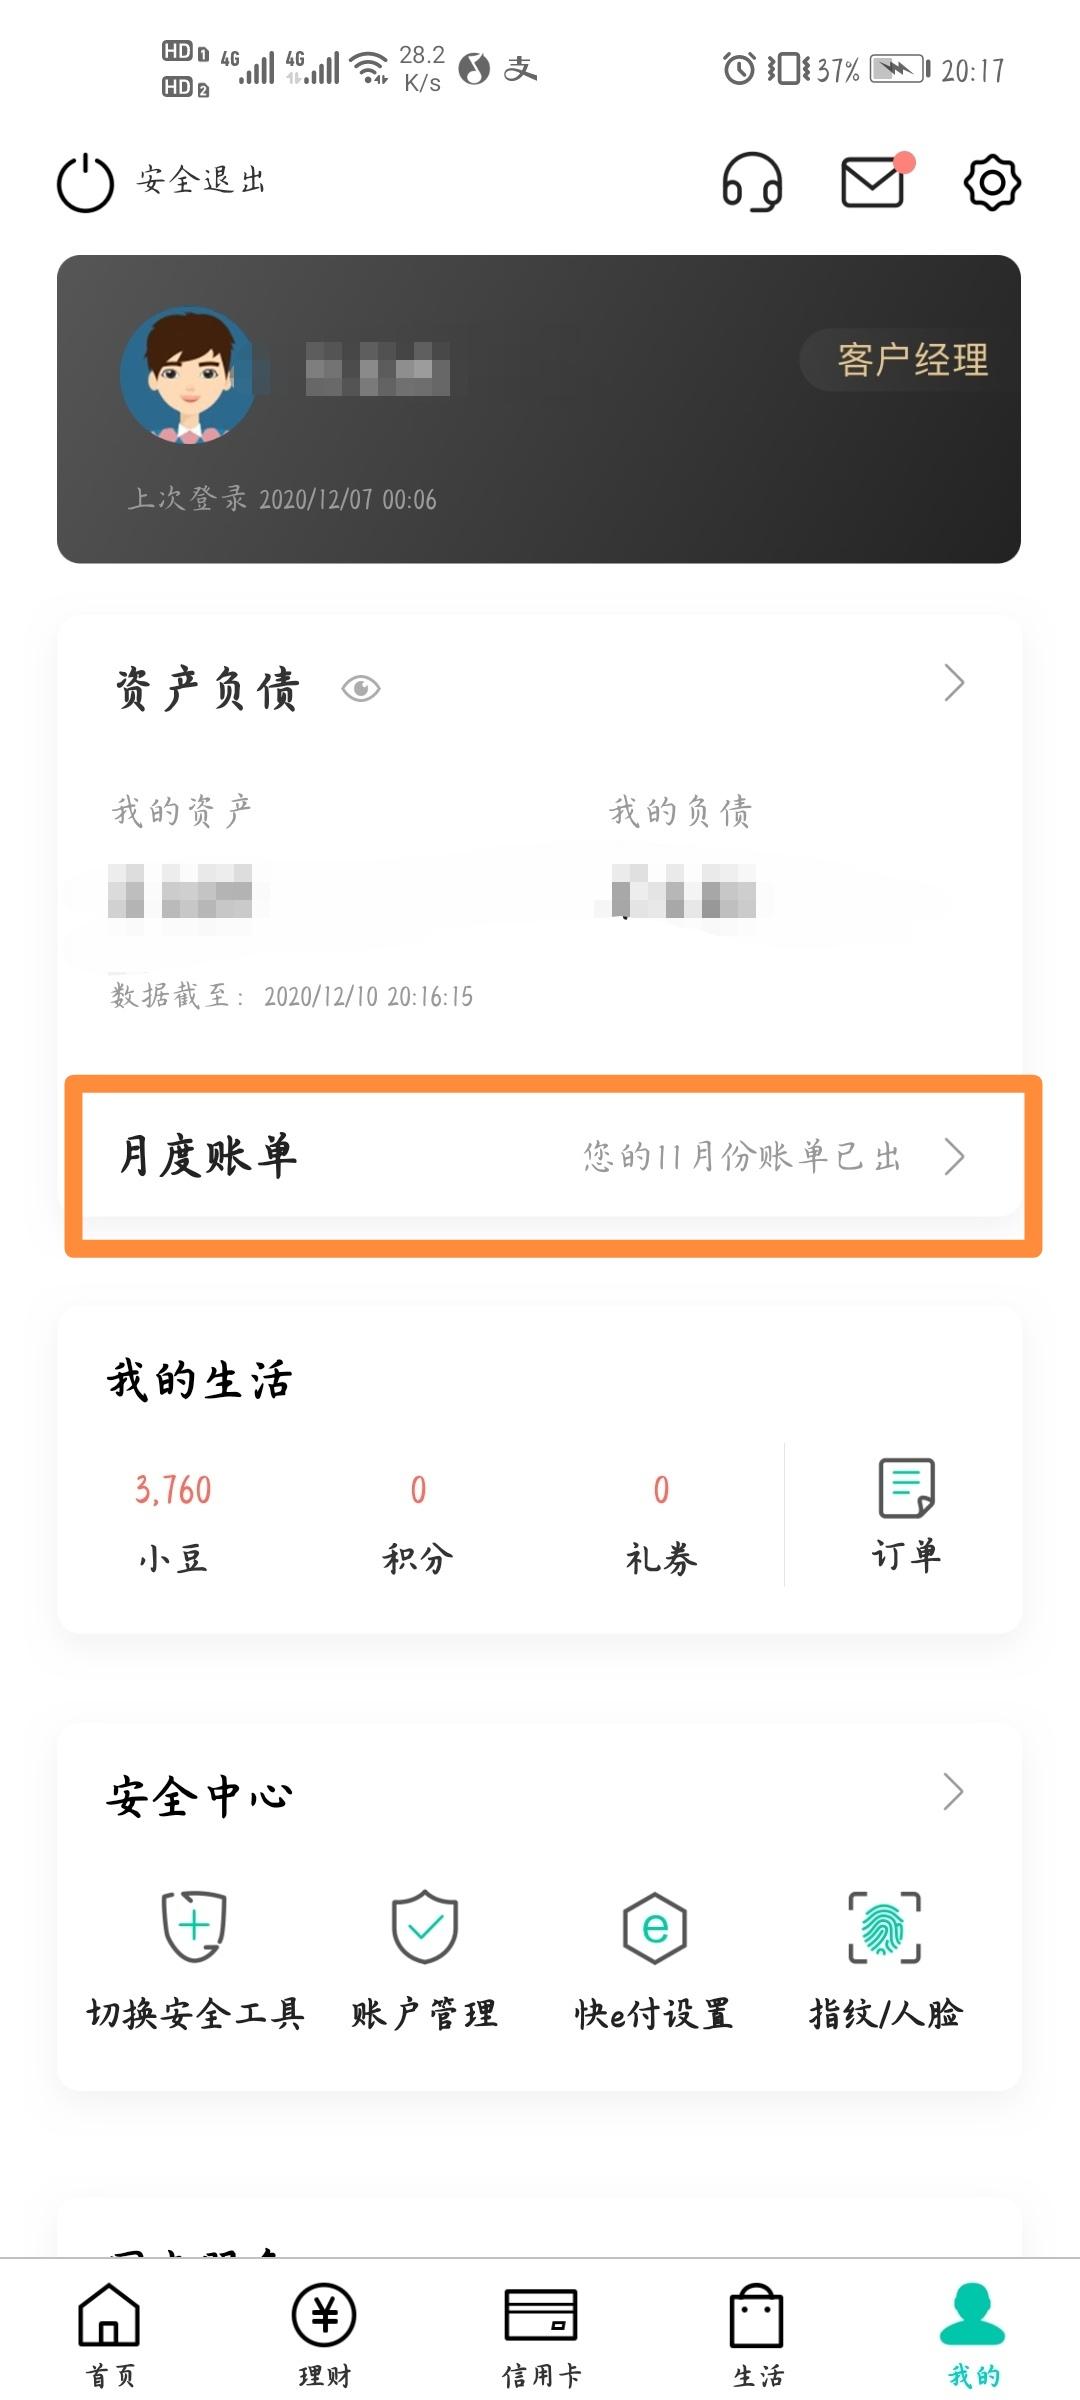 【虚拟物品】中国农业银行抽京东E卡-聚合资源网